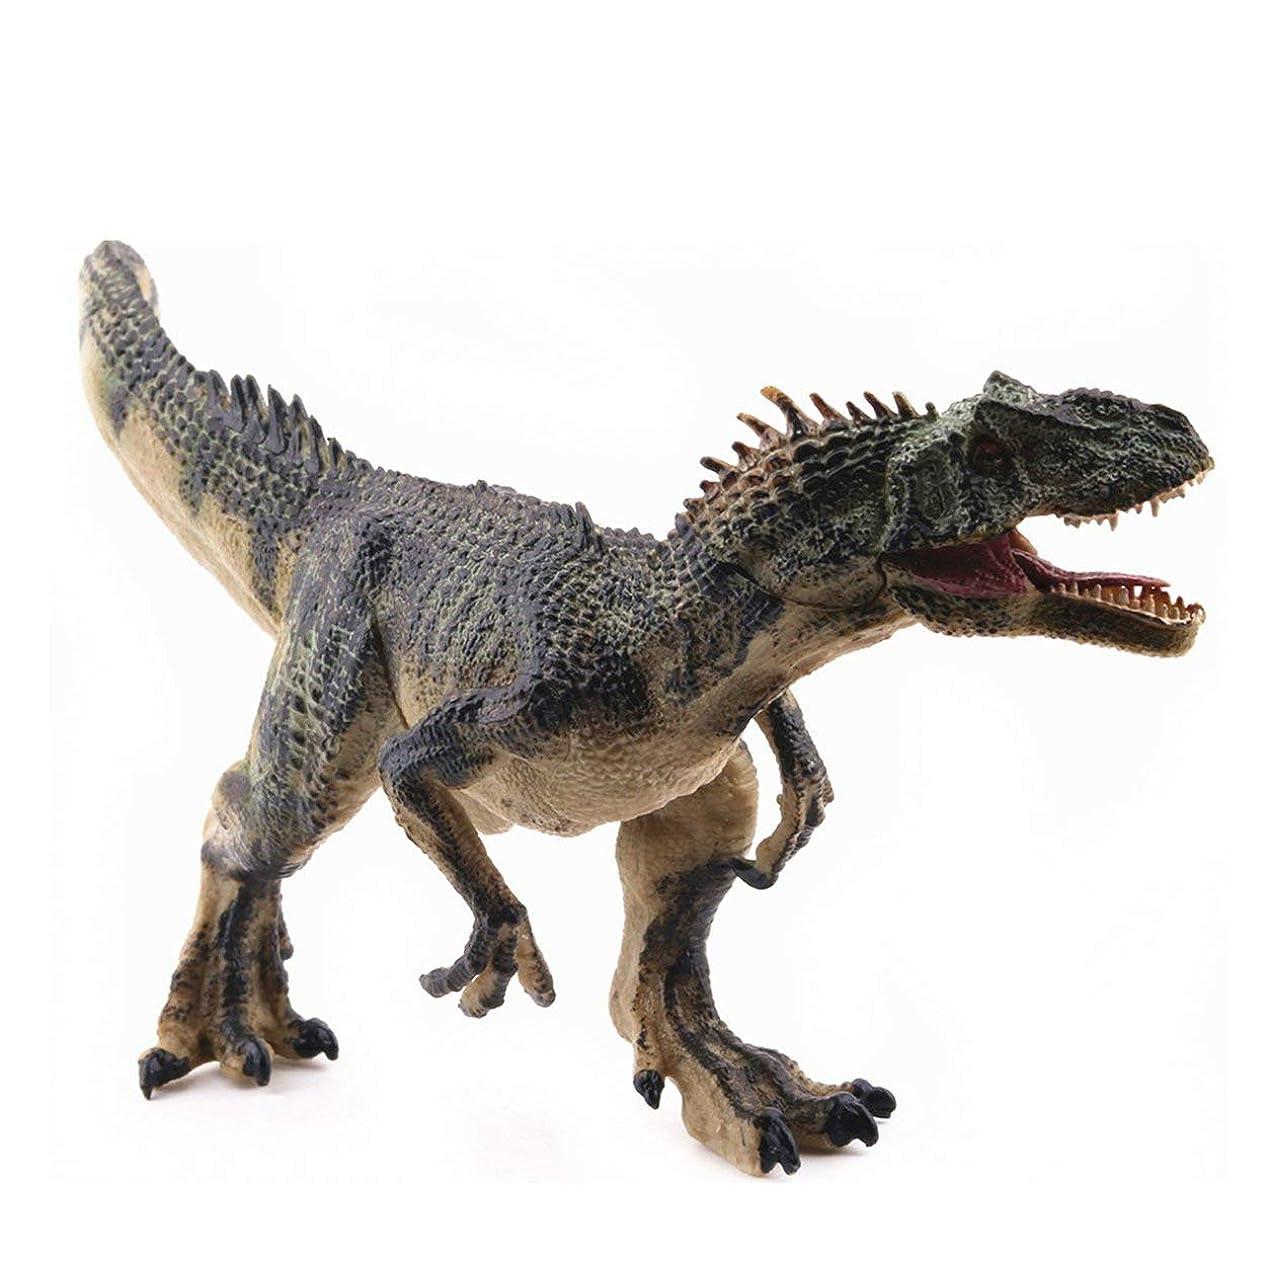 海凍る燃やすSaikogoods シミュレーションアロサウルスリアルな恐竜の模型玩具置物アクションは 子供のためのホームインテリア教育玩具フィギュア 緑